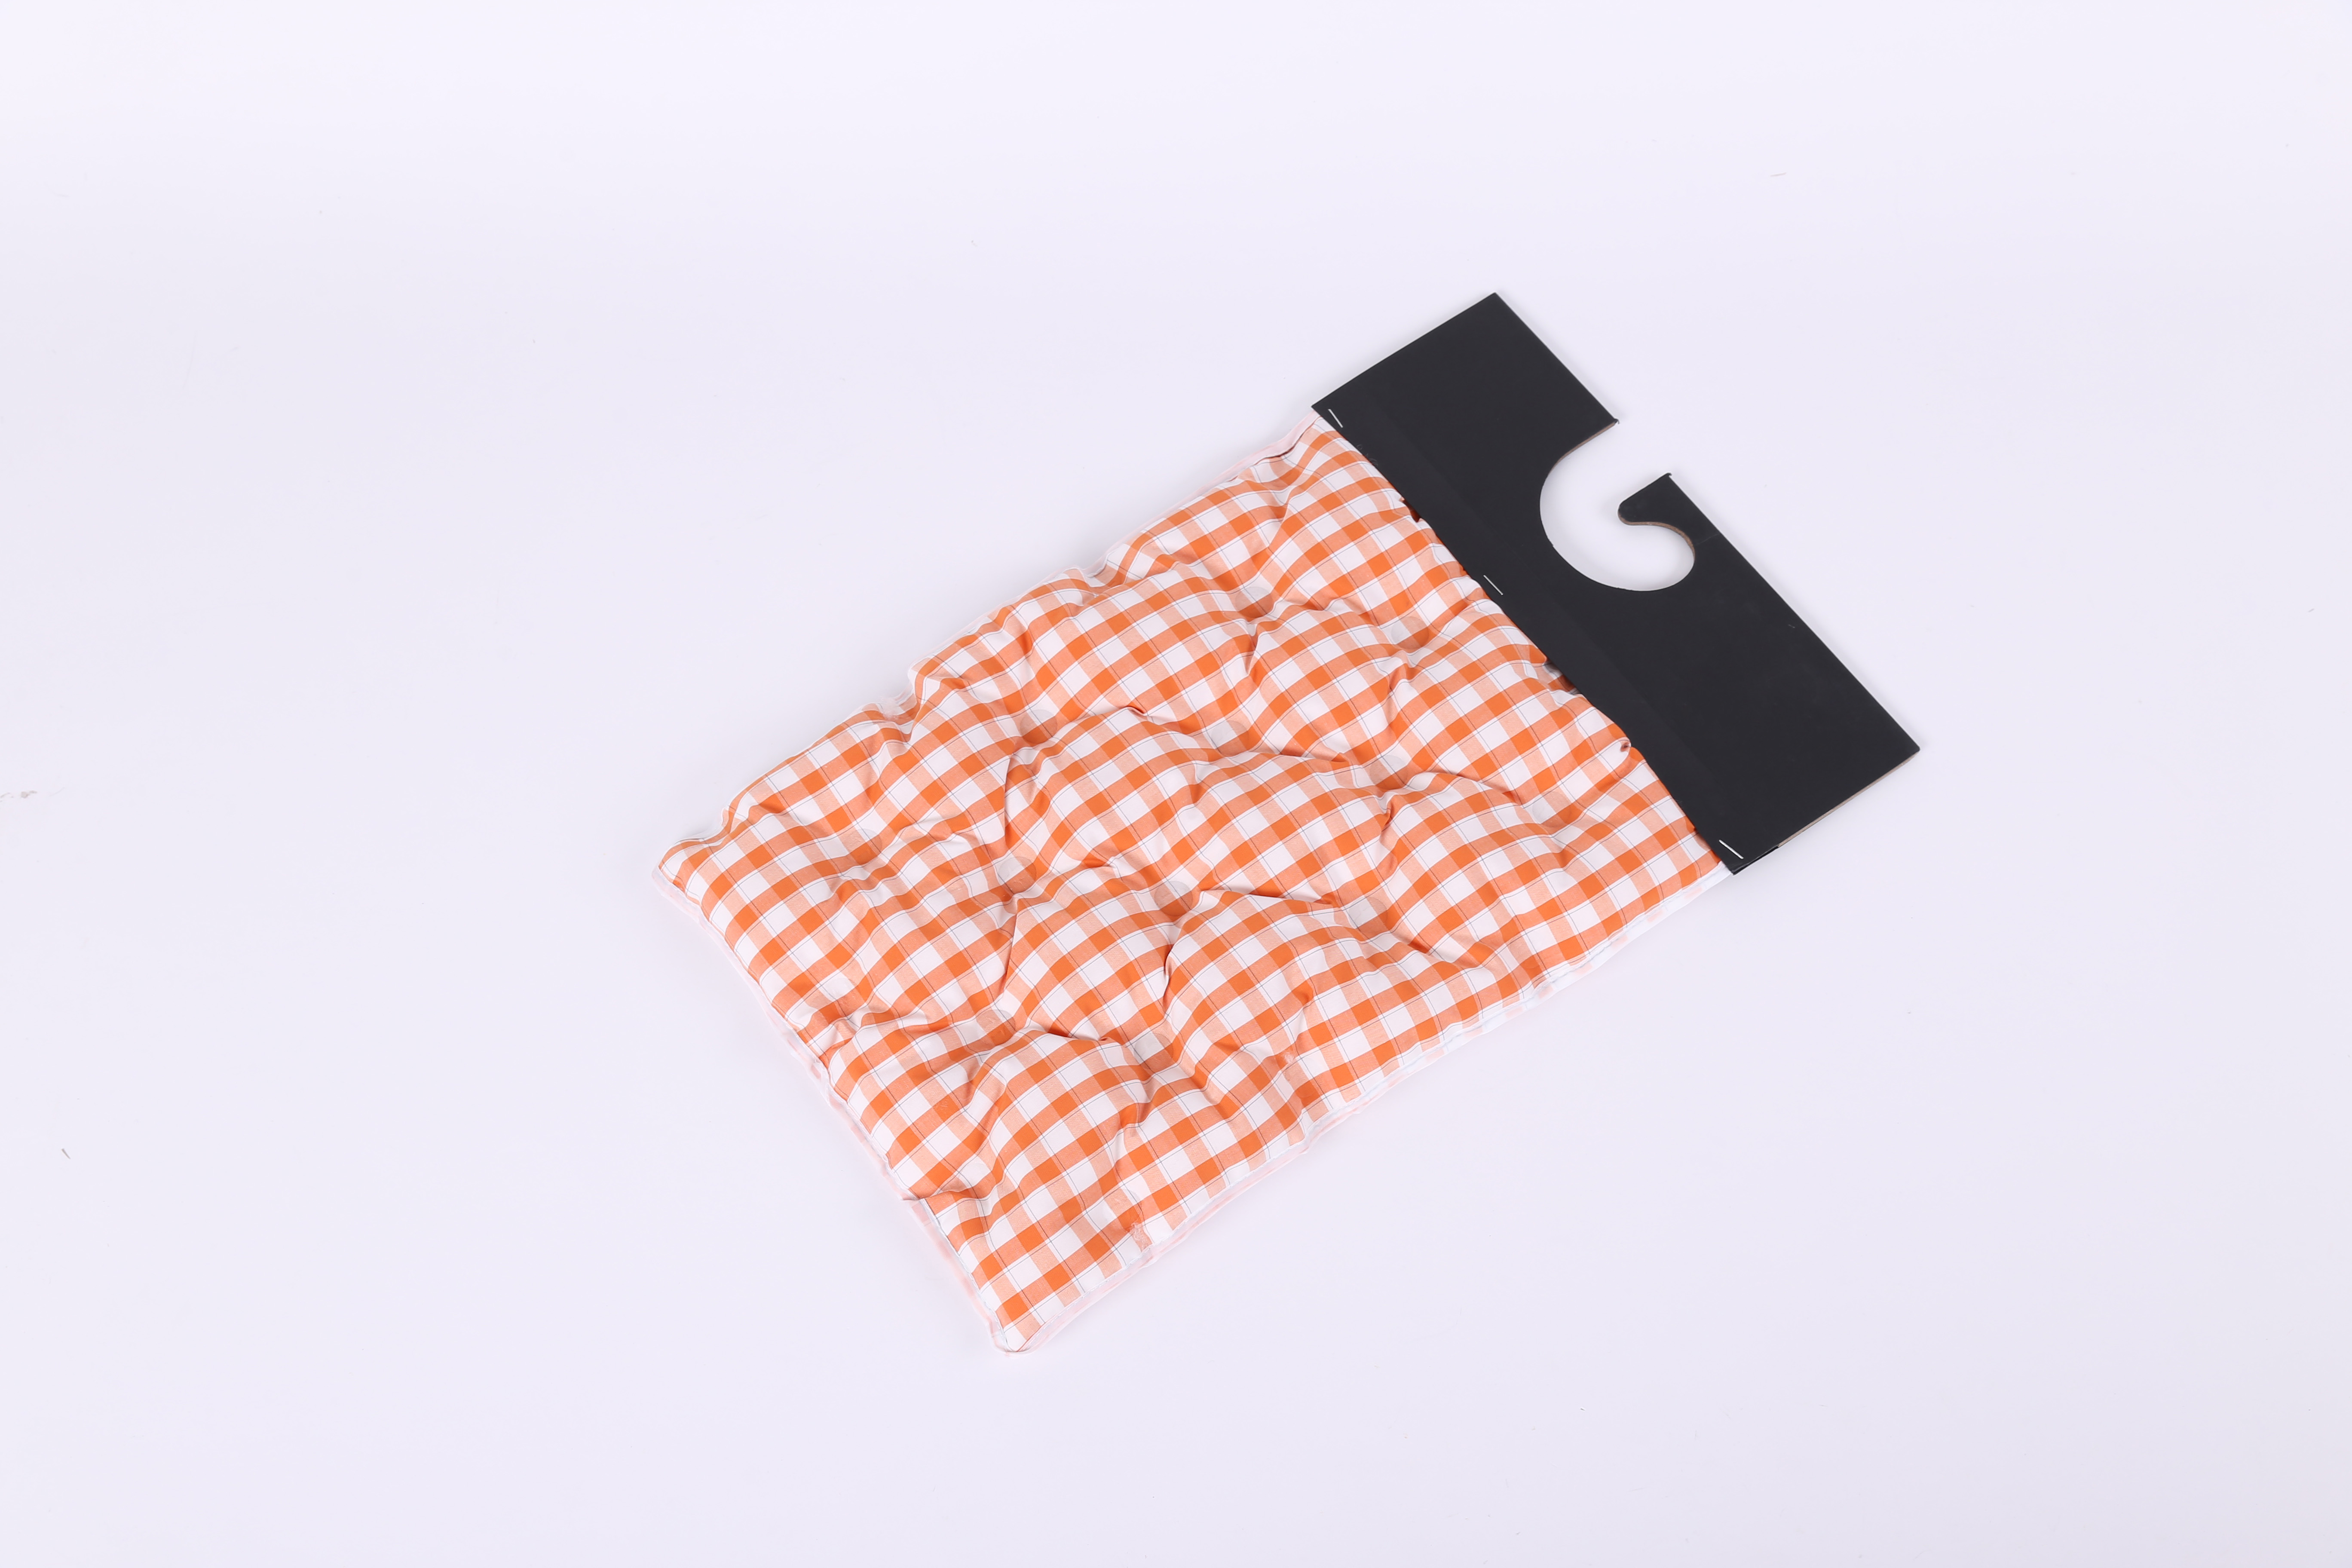 Эластичная ткань из спандекса, 3D тканый текстиль в горошек для одежды